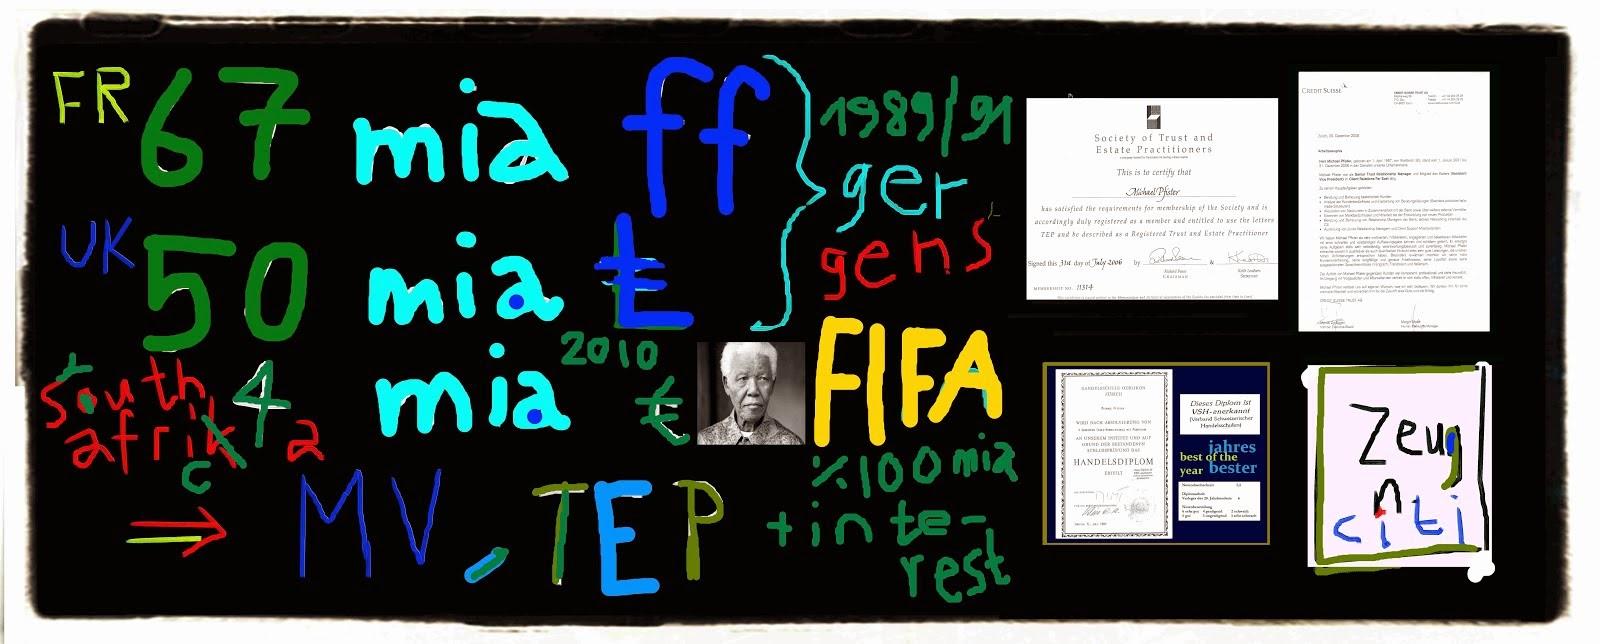 michaeil chodorkowski liberation engagement 2012 2013 mischa vetere i.m. greenpeace roman polanski